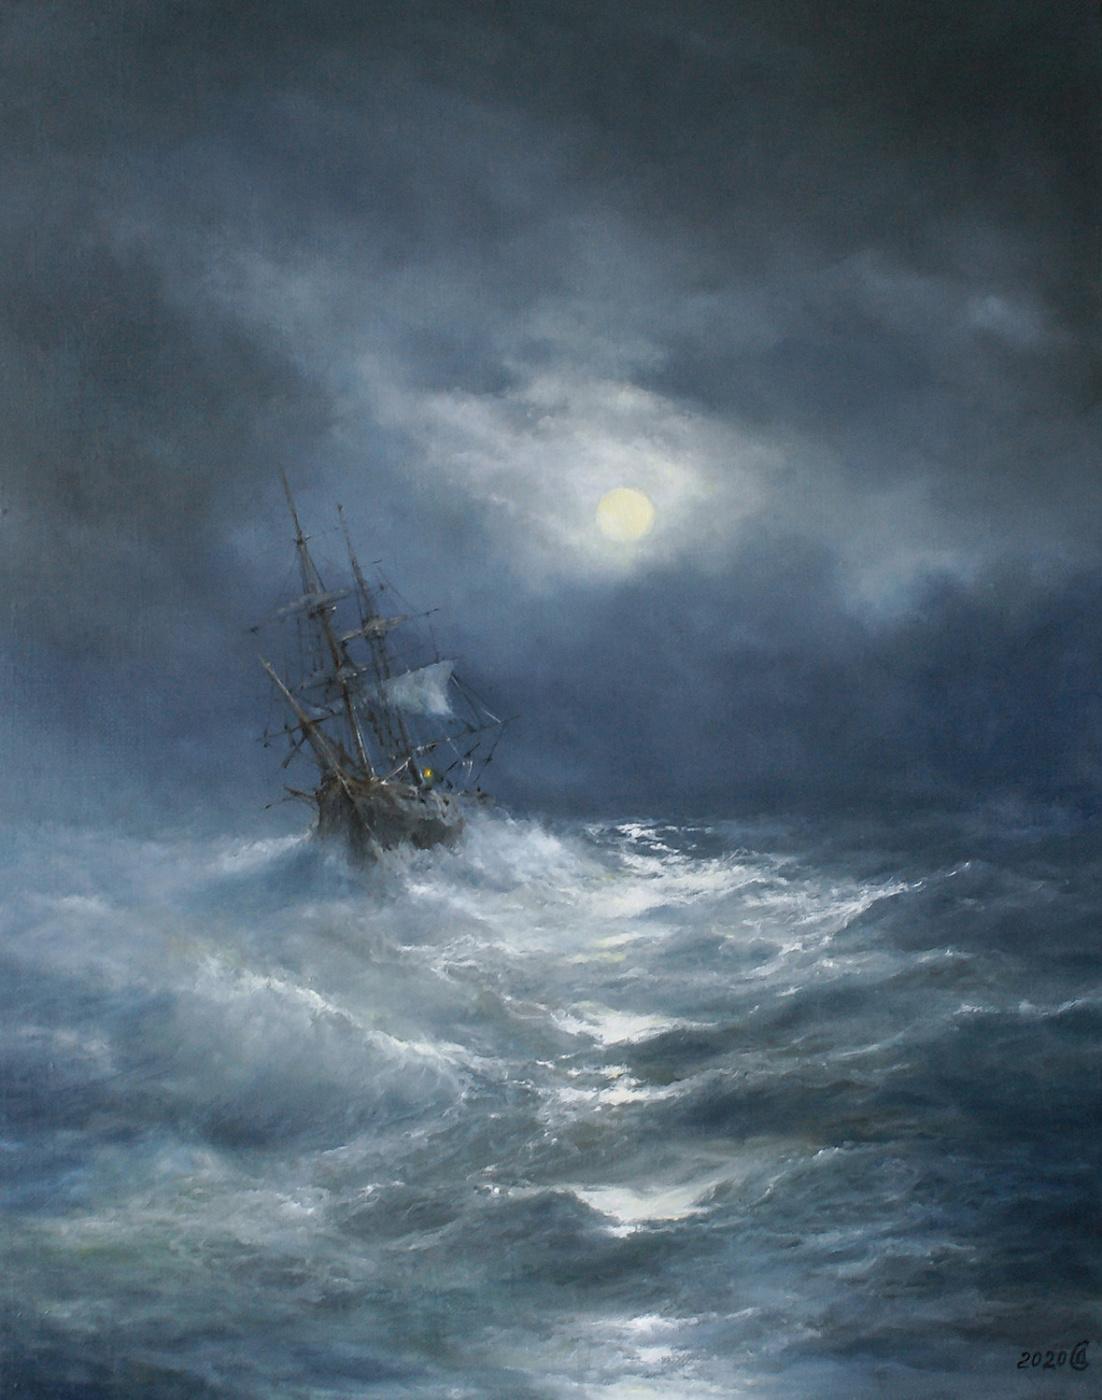 Сергей Владимирович Дорофеев. Storm on a moonlit night